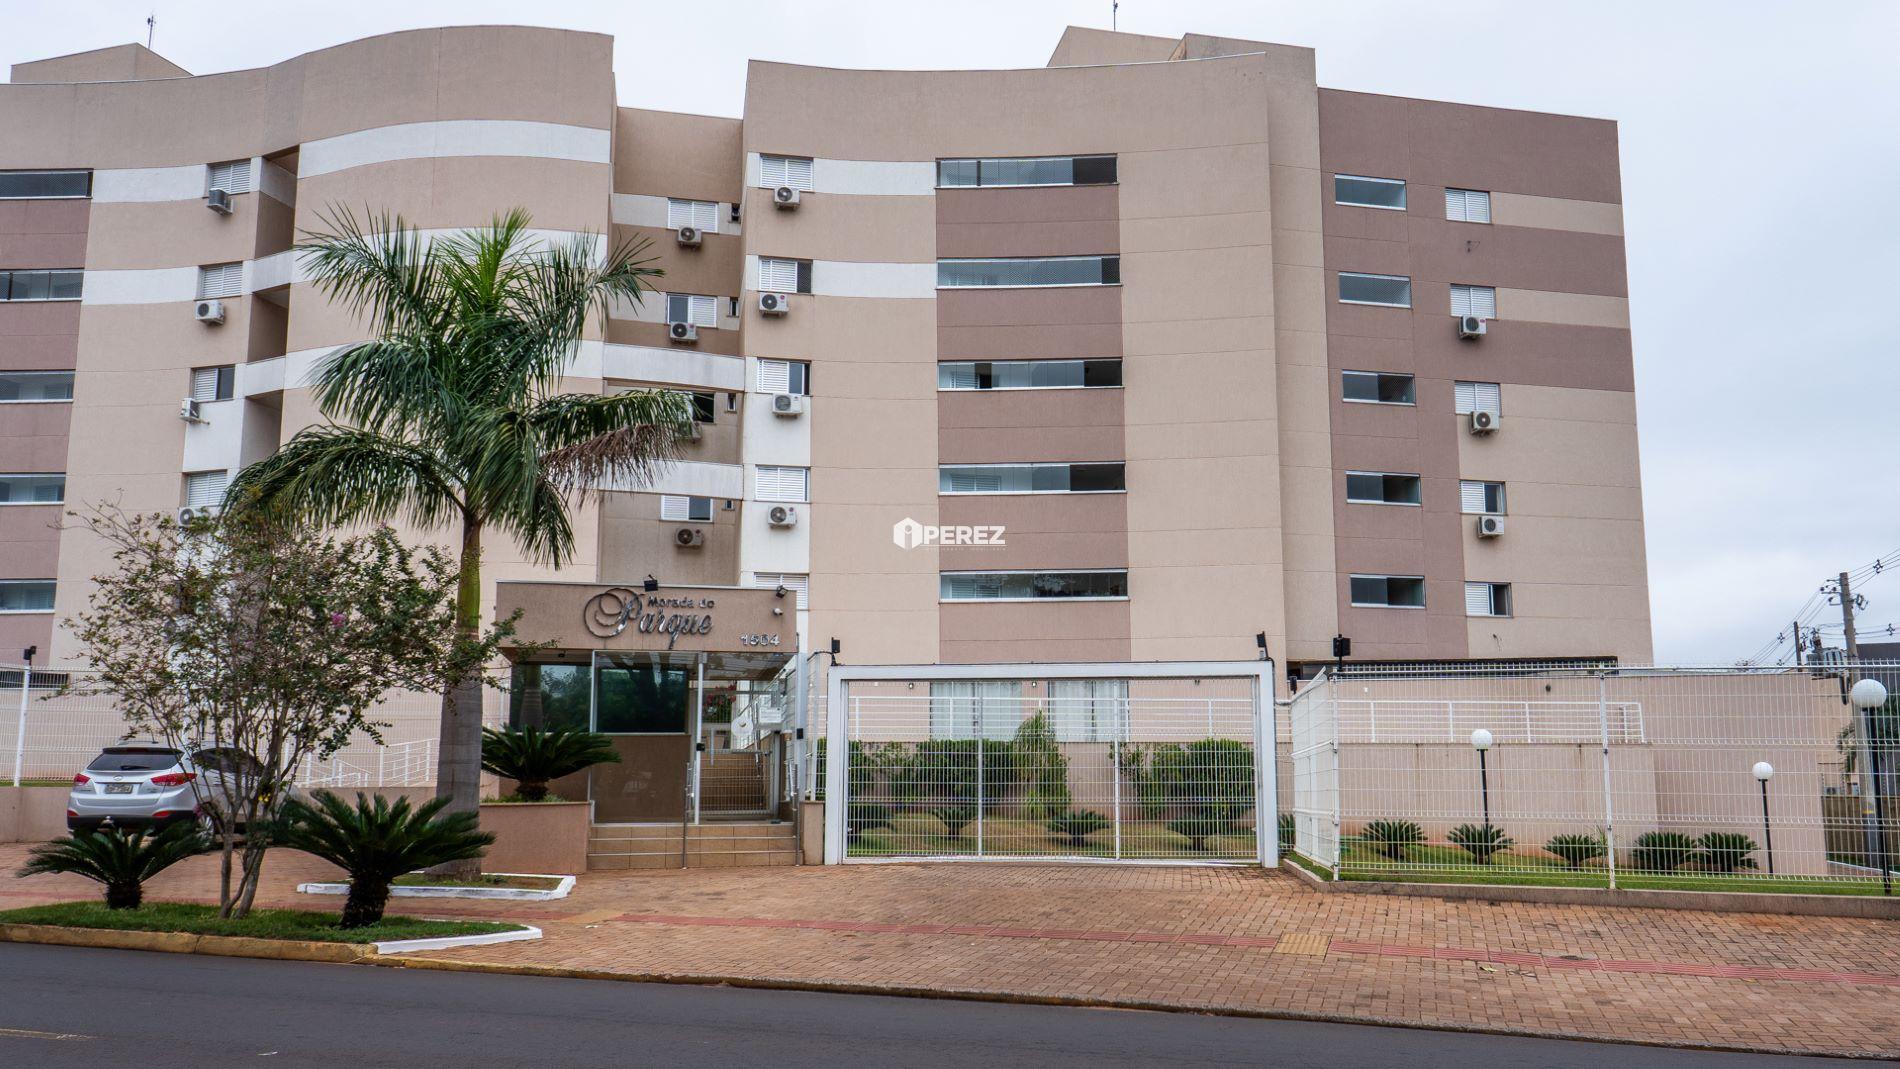 aluguel-campo-grande-ms-apartamento-desembargador-leao-neto-do-carmo-jardim-veraneio-perez-imoveis